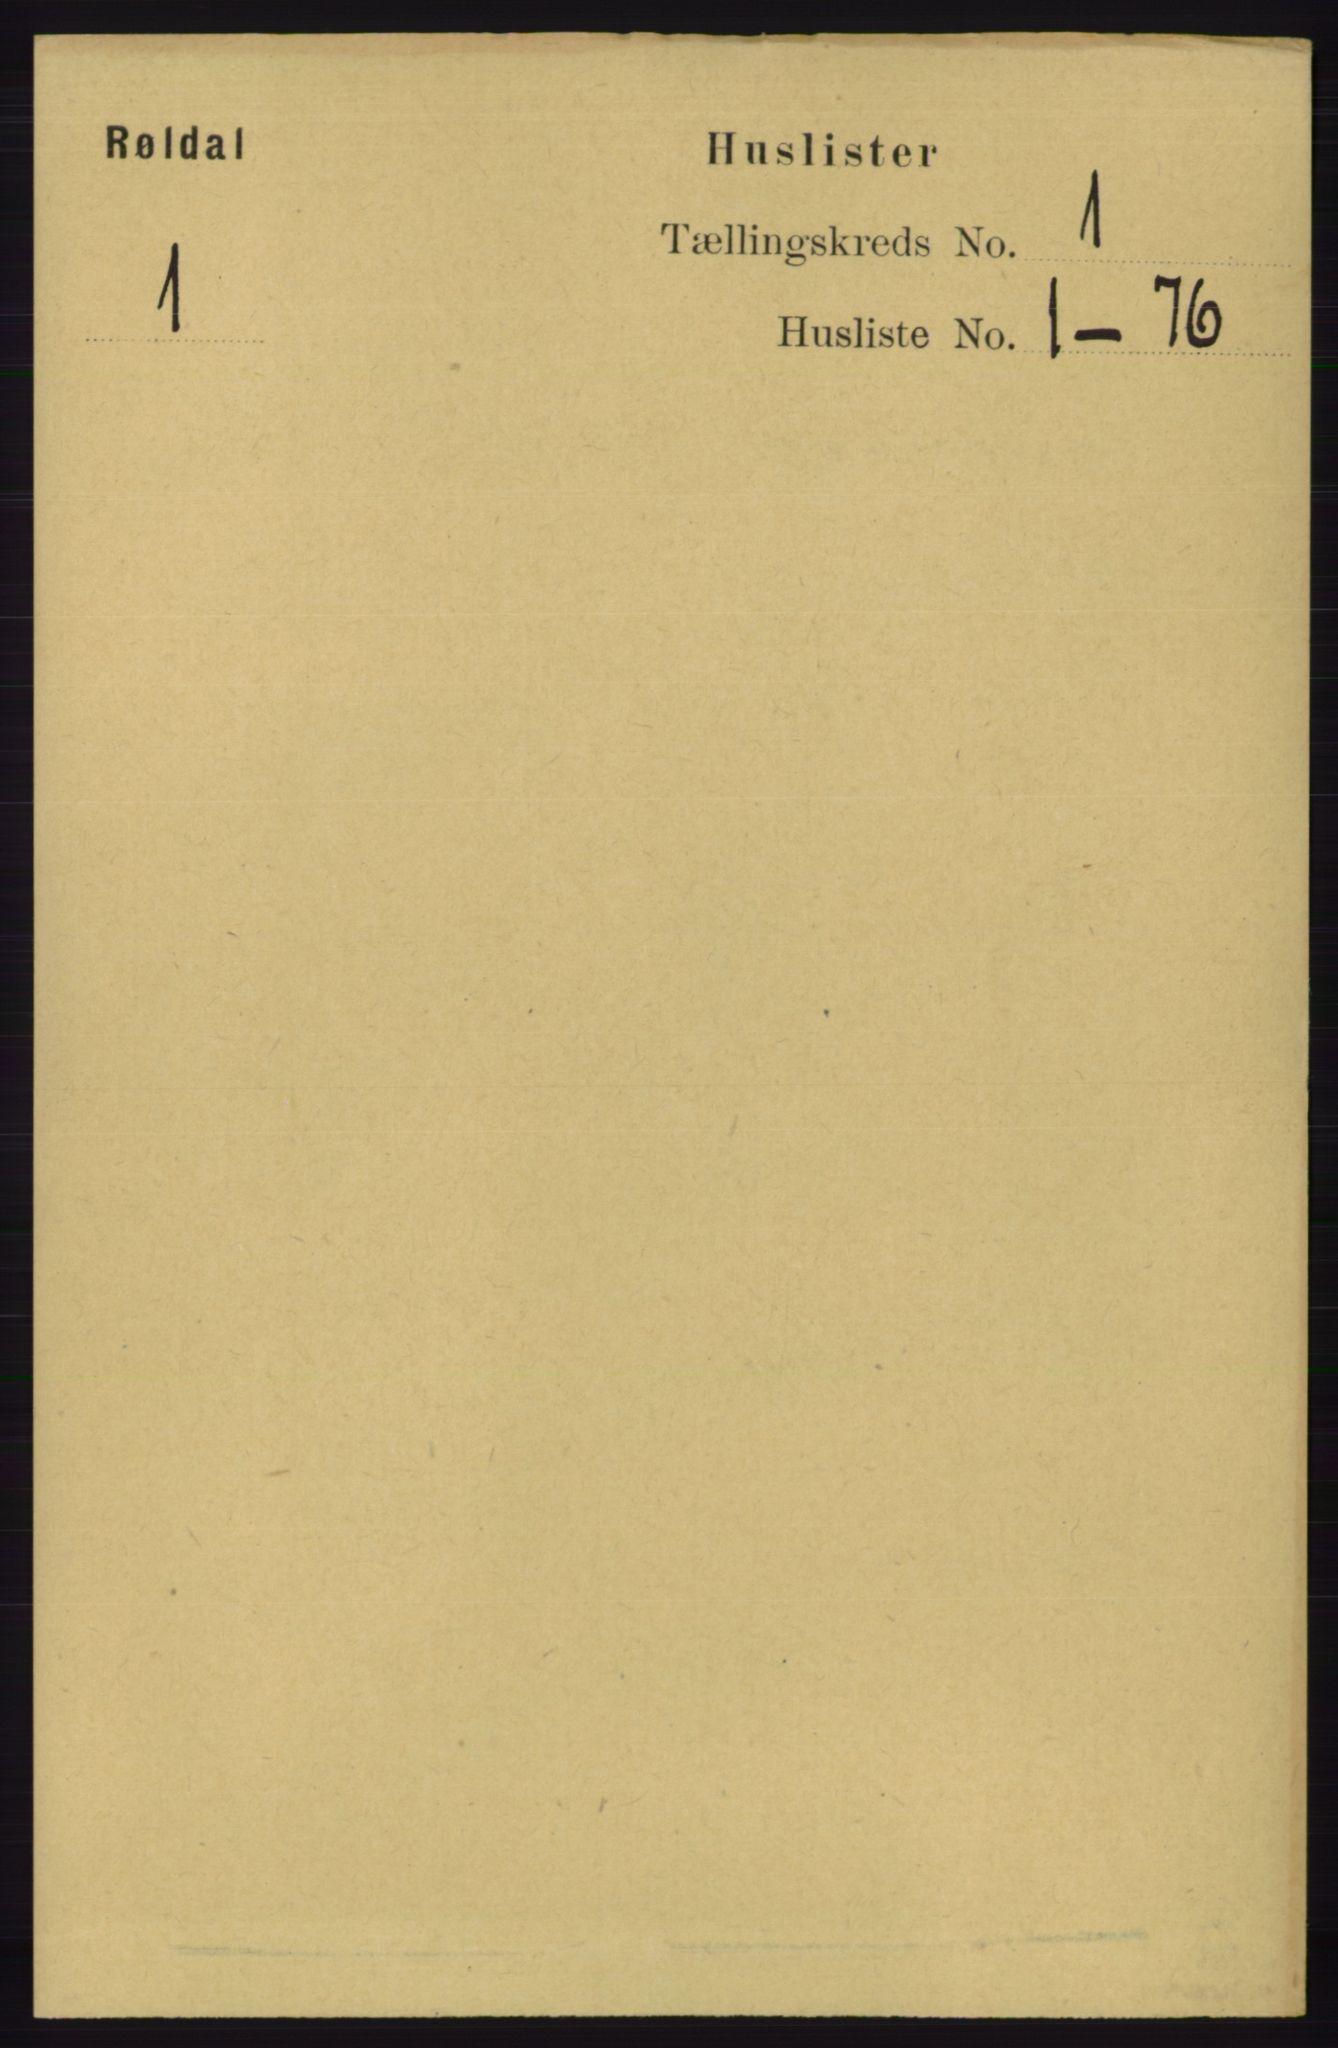 RA, Folketelling 1891 for 1229 Røldal herred, 1891, s. 13